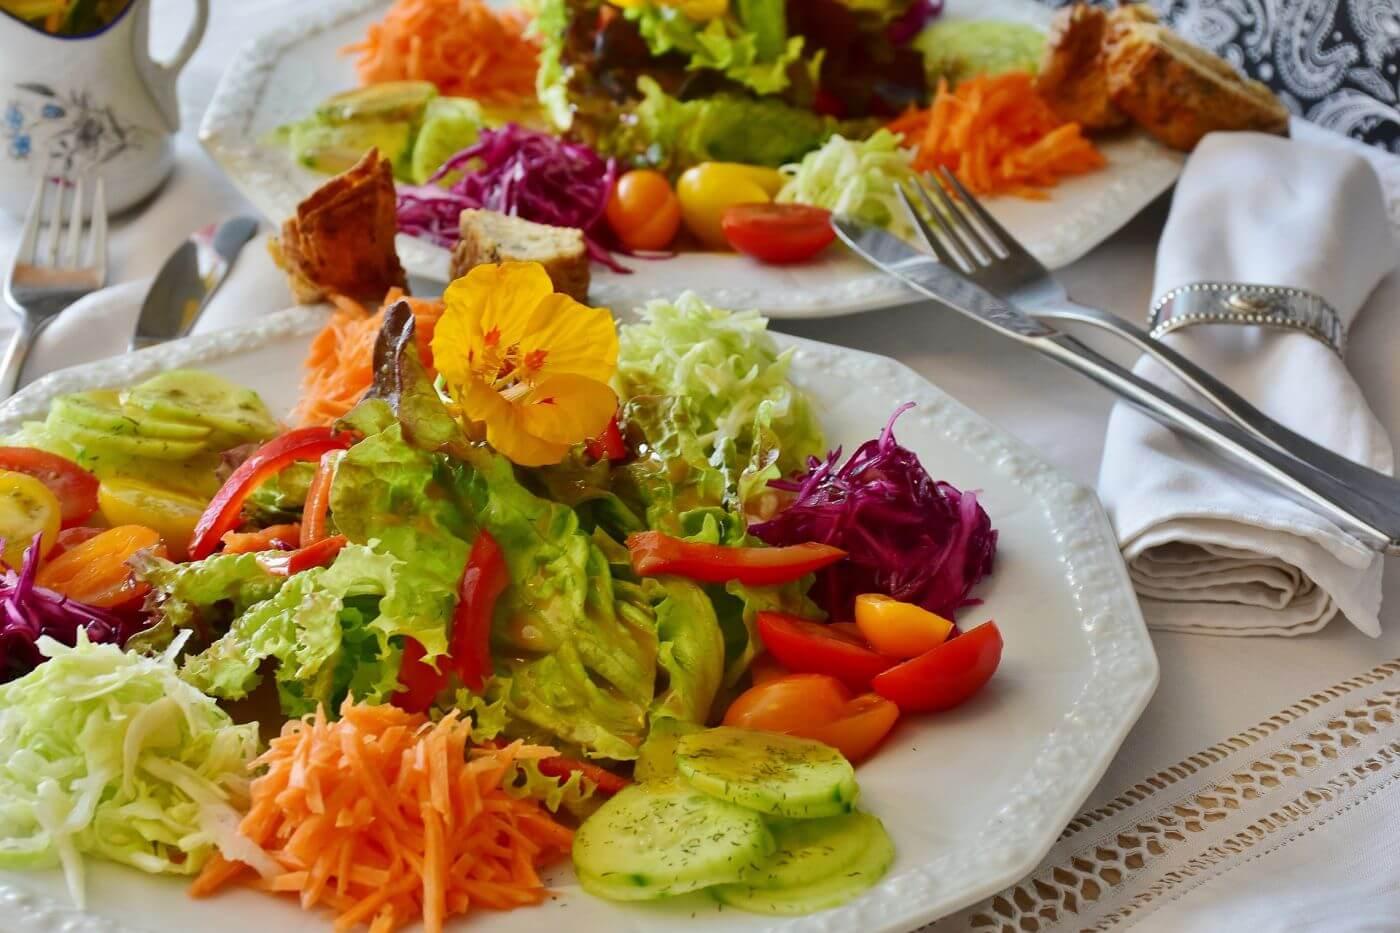 Farbenfroher Rohkost-Teller mit Gemüse-Salat, der zum genüsslichen Essen einlädt